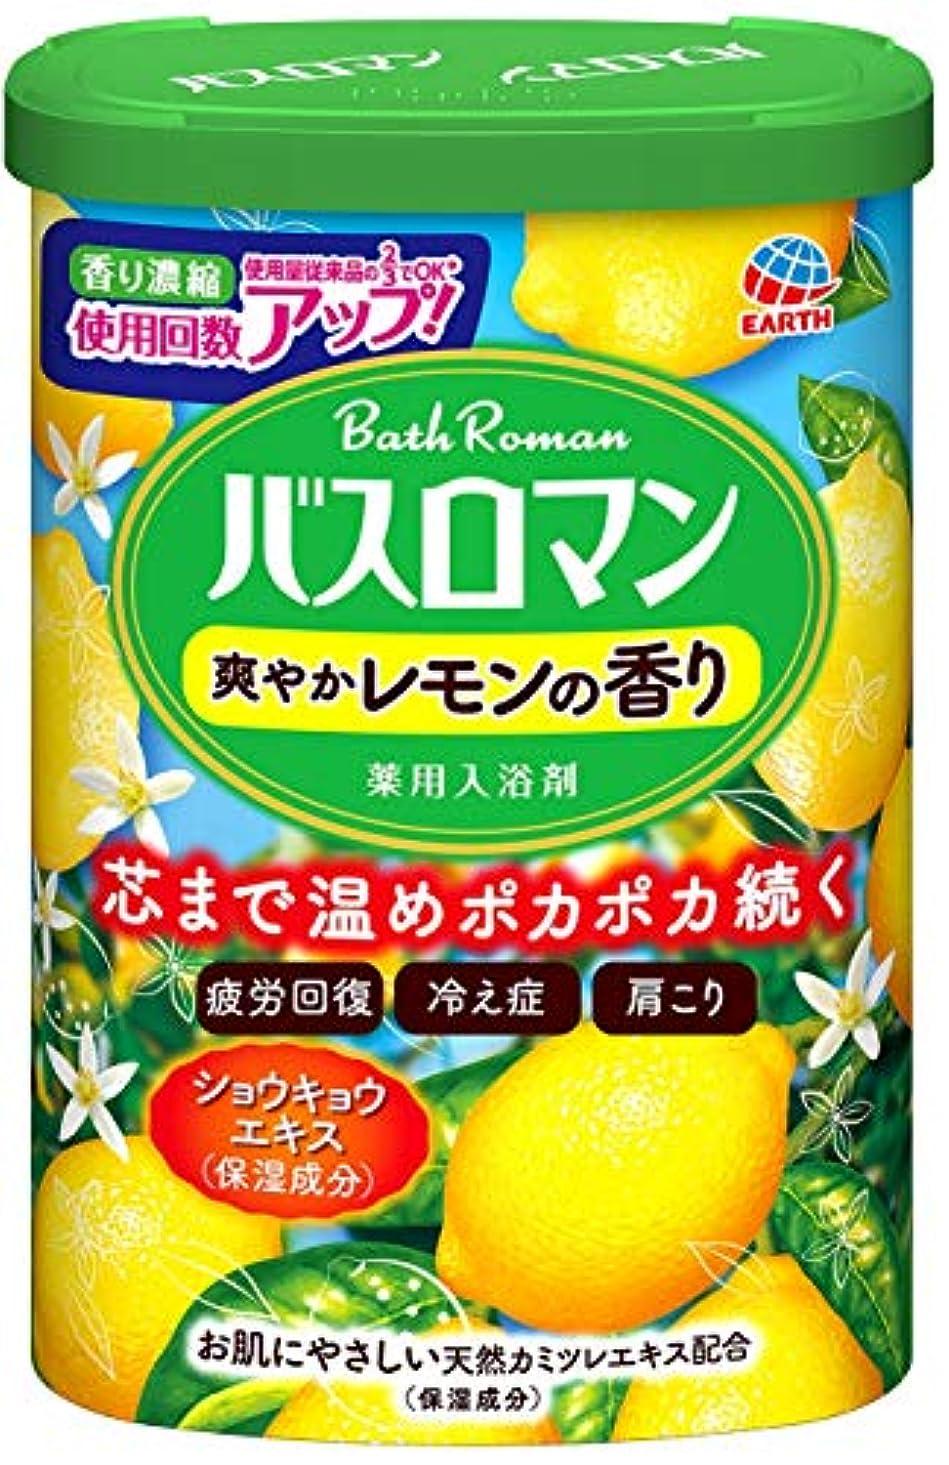 添付起こりやすい思いつく【医薬部外品】バスロマン 入浴剤 爽やかレモンの香り [600g]